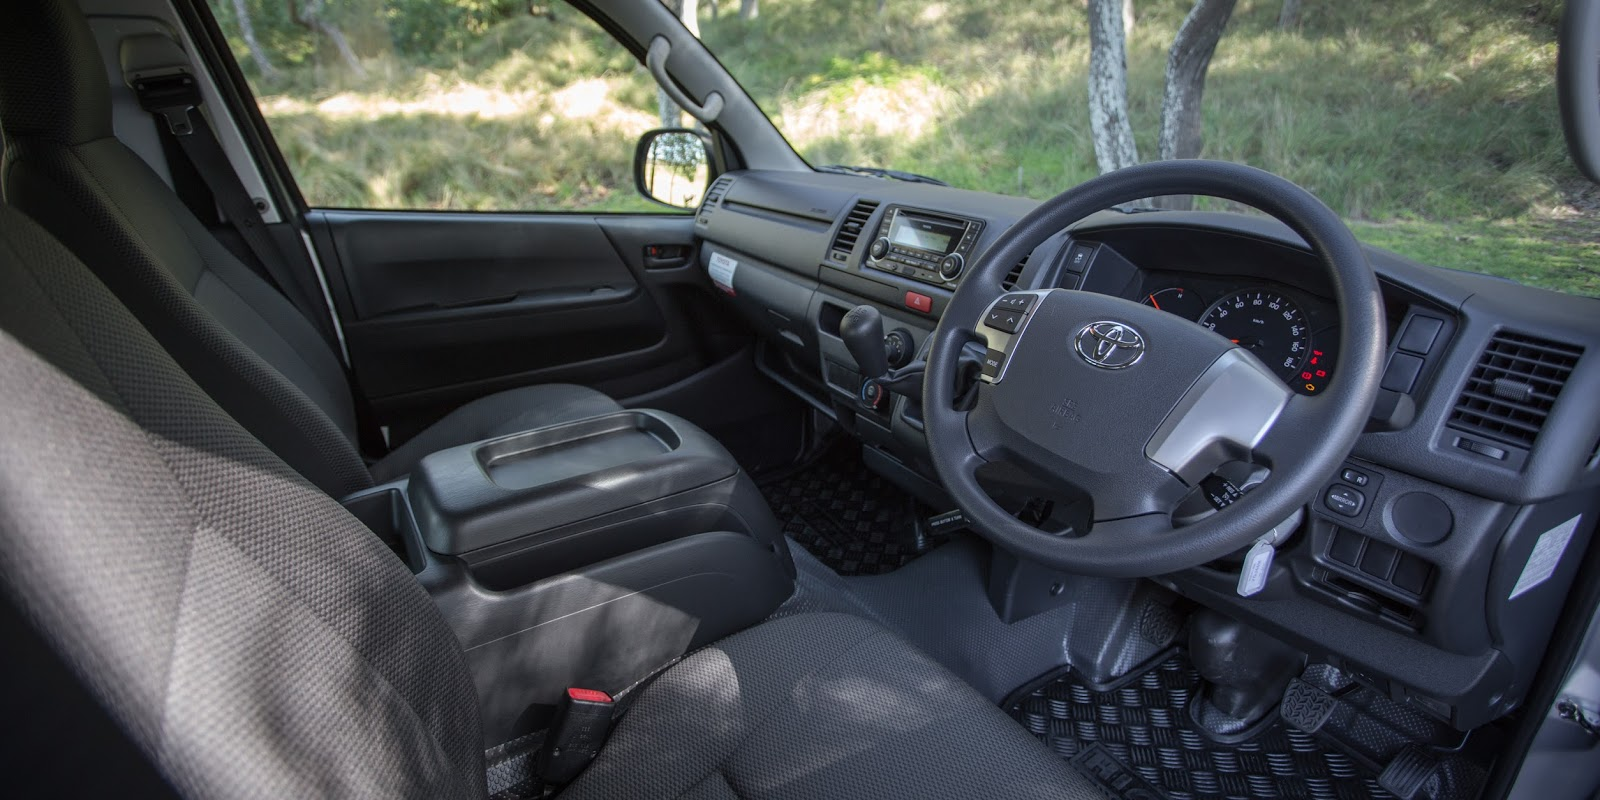 Khoang lái của Toyota HiAce 2016 thực dụng và chỉ có các tính năng cơ bản